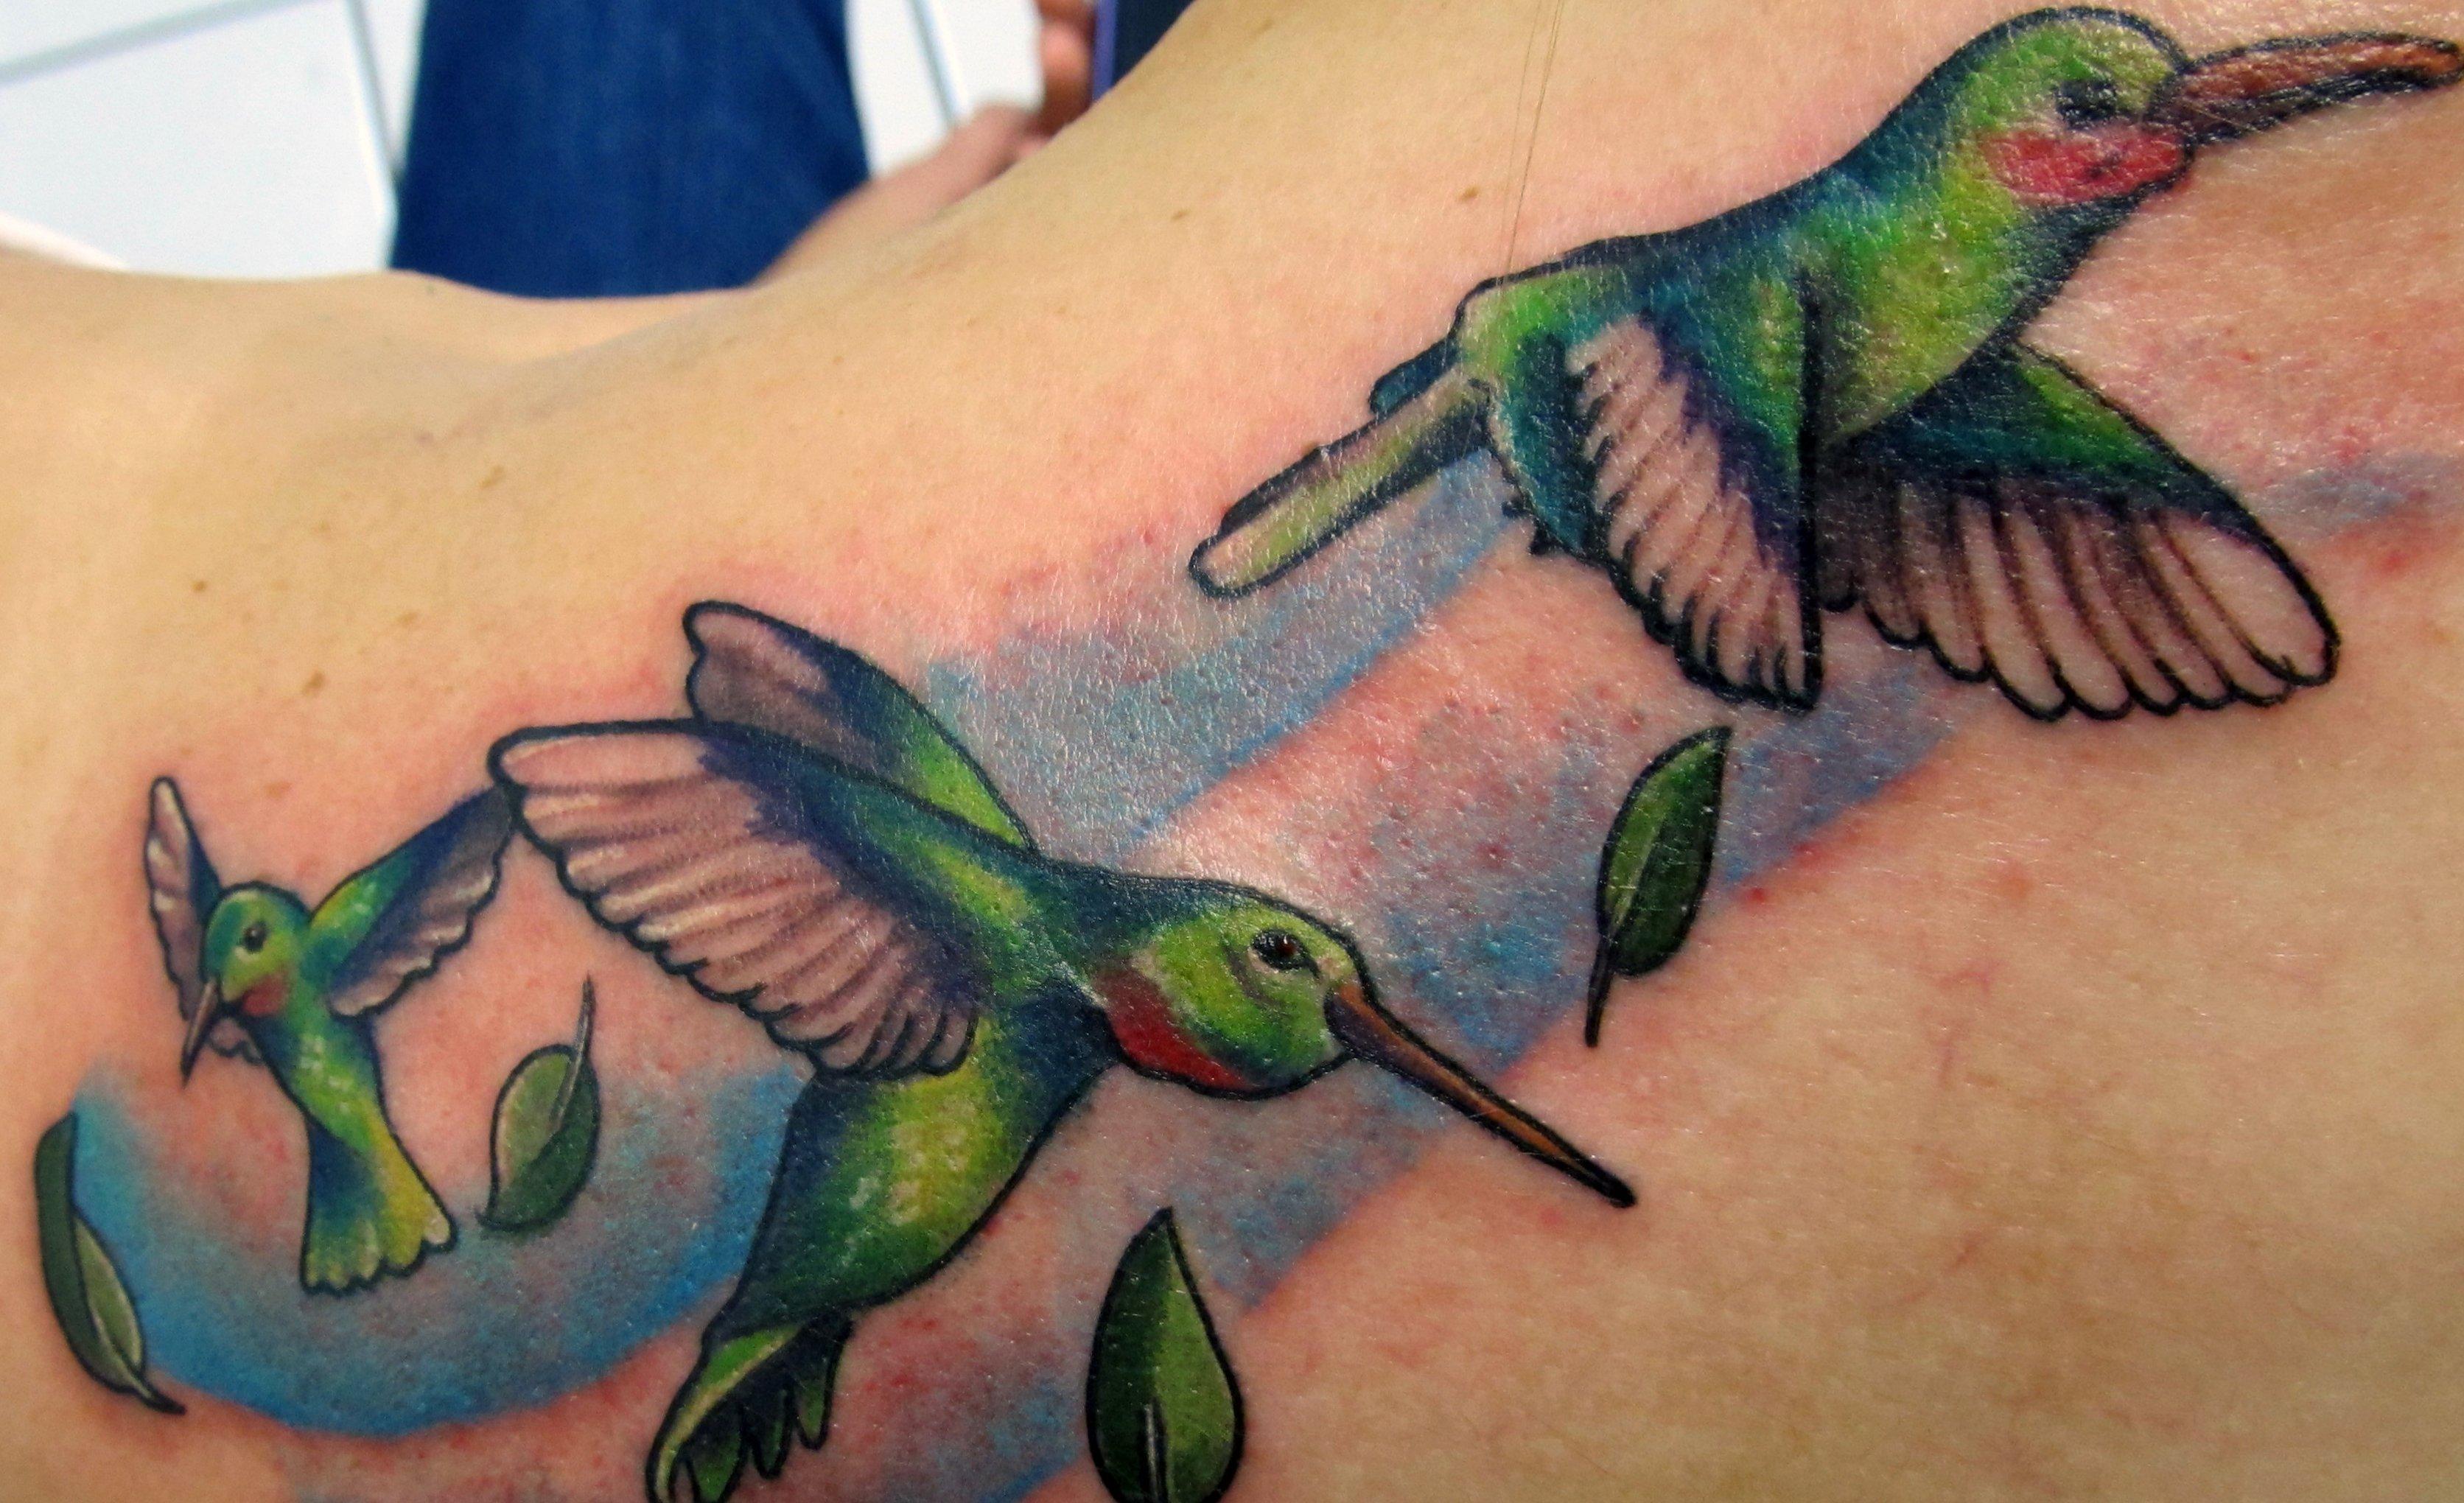 Kolibri Tattoo Motive und deren Bedeutung alletattoo.de 1